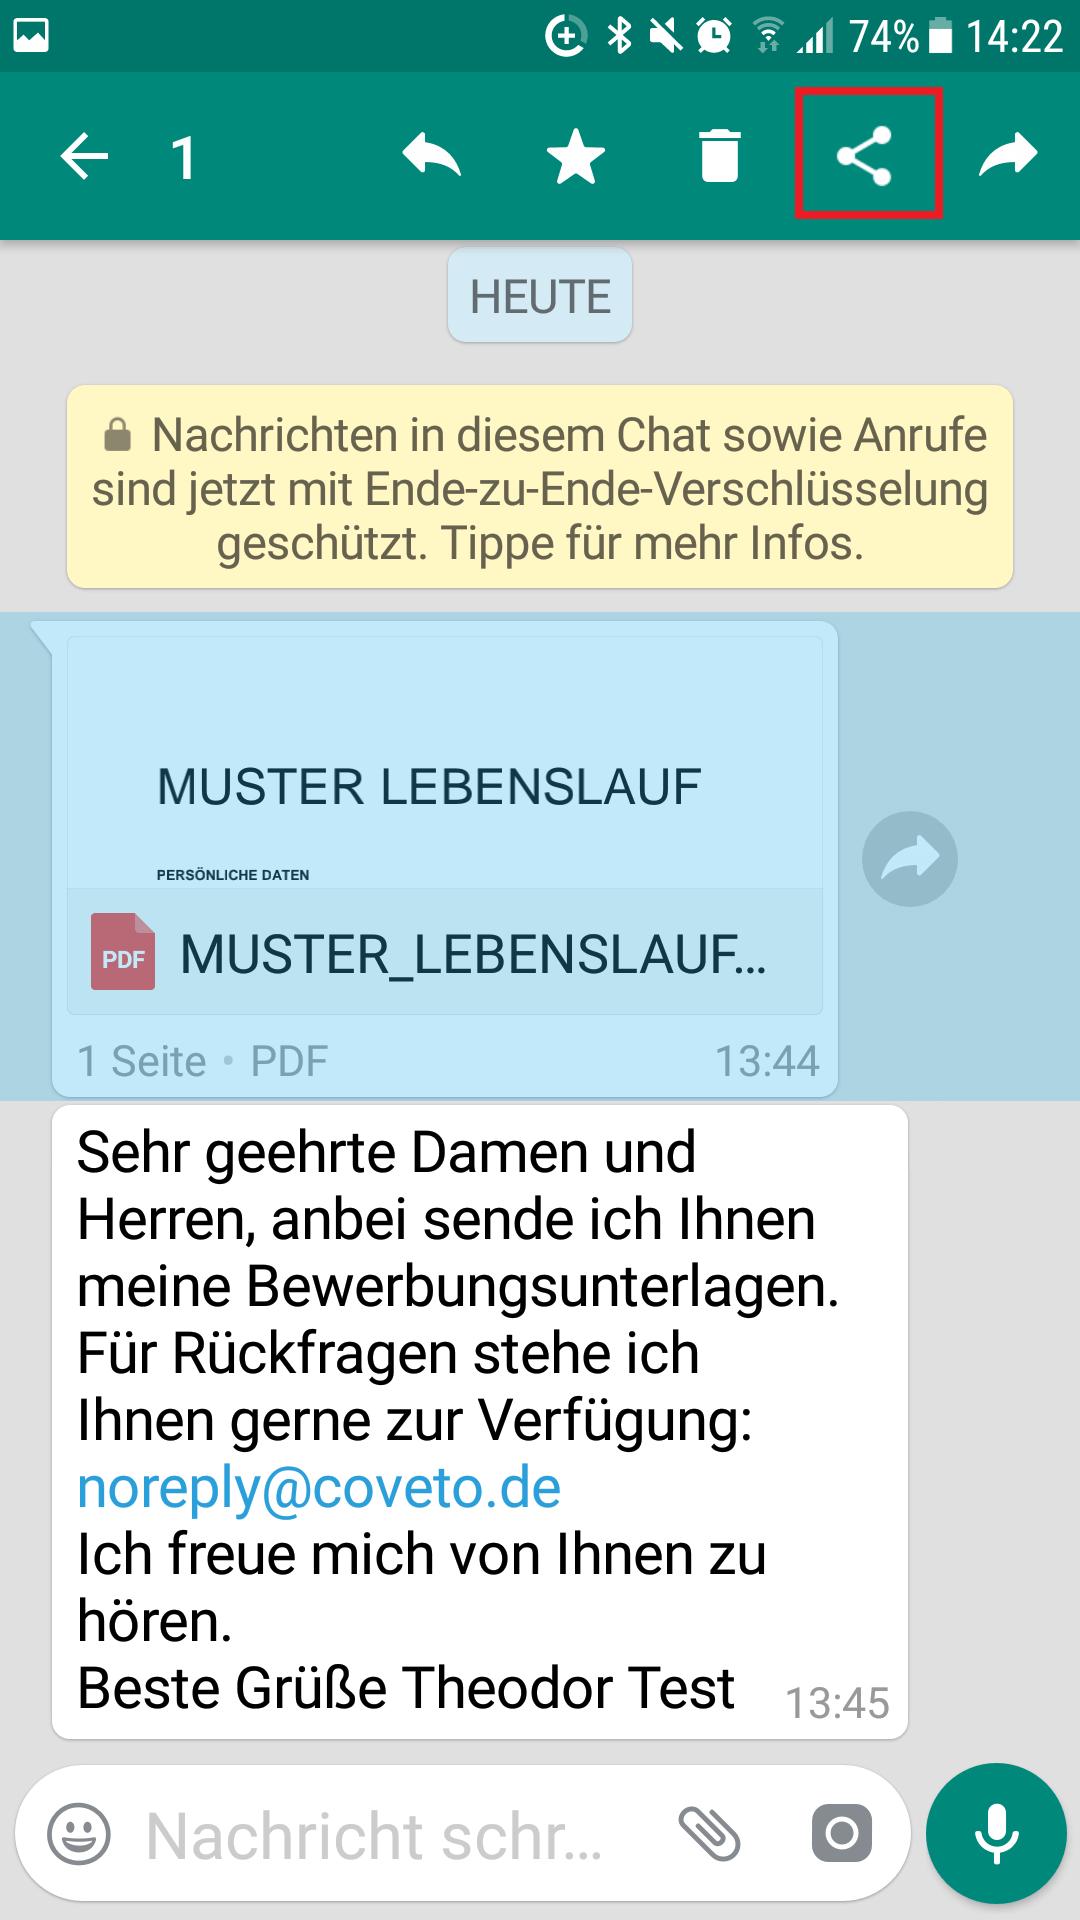 Charmant Lebenslauf Weiterleiten E Mail Senden Galerie - Beispiel ...